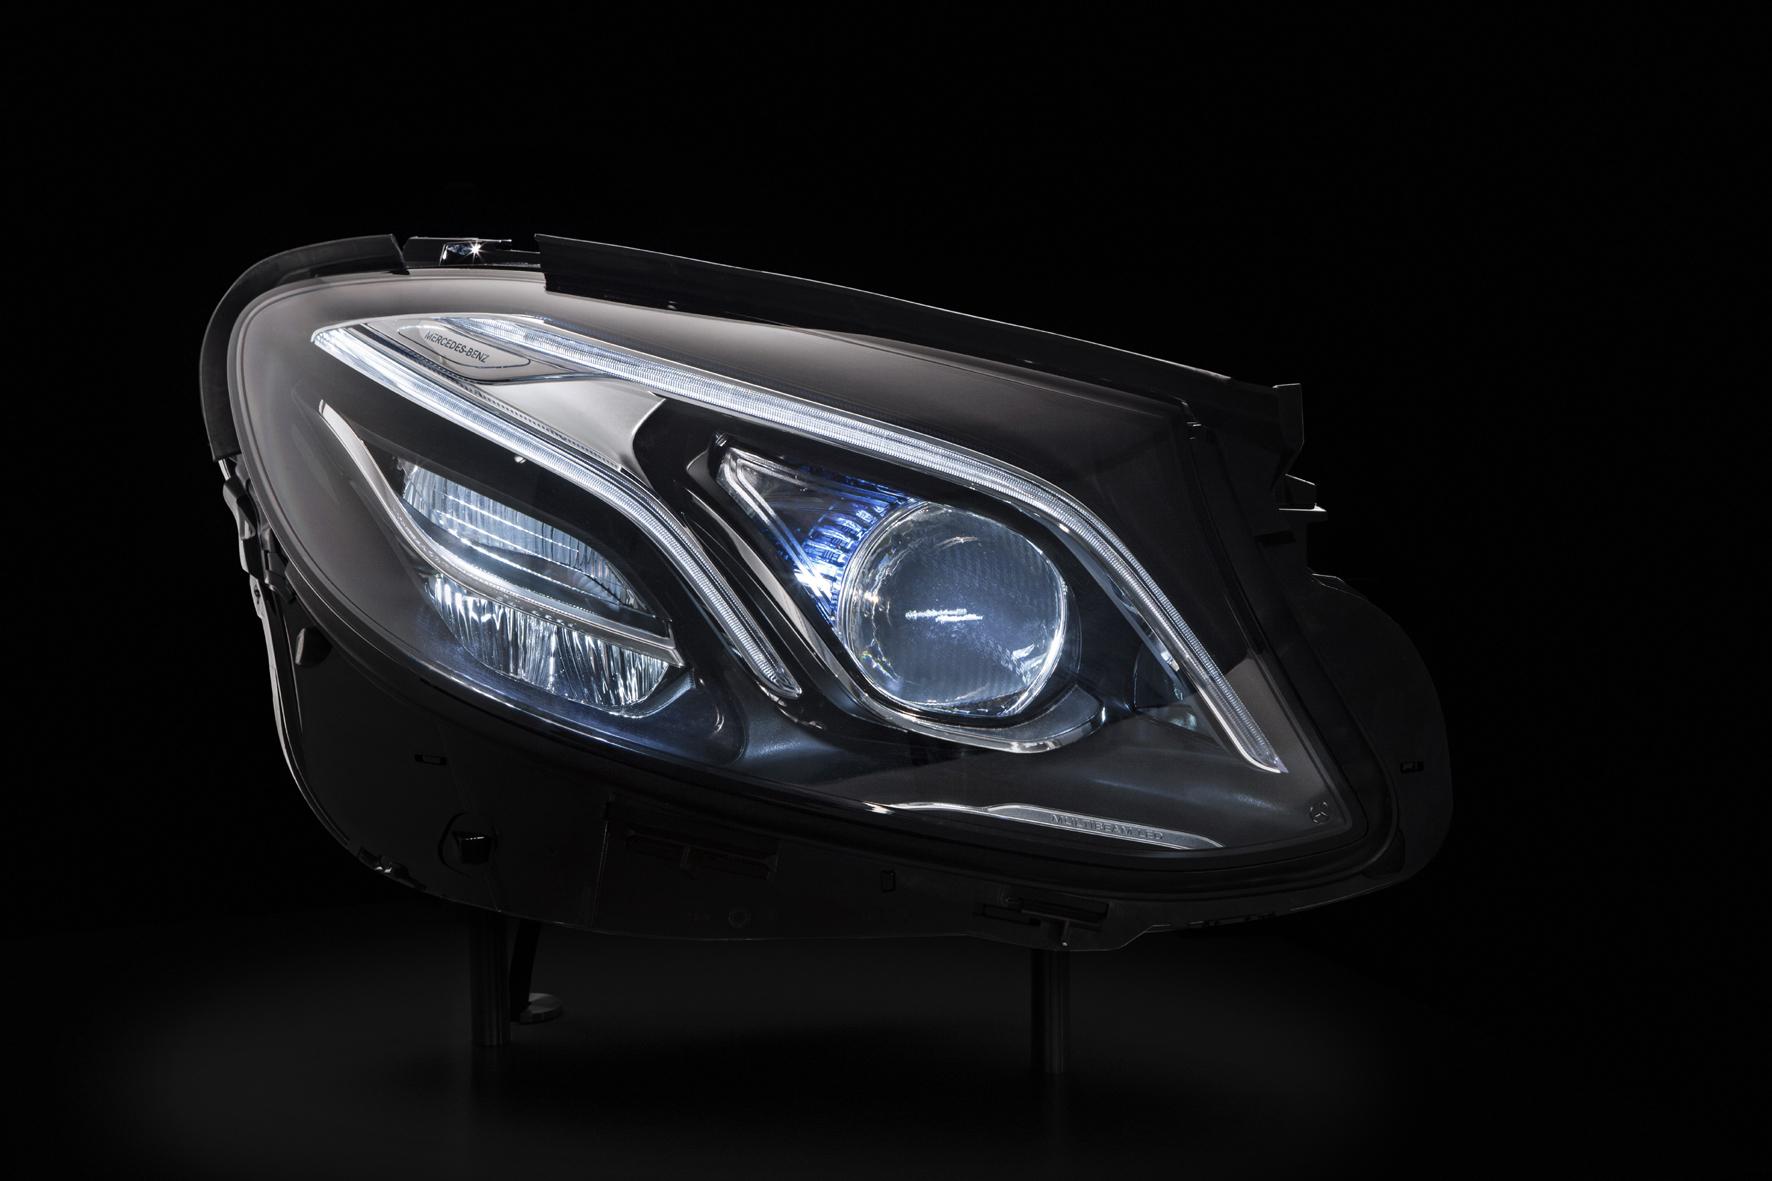 mid Düsseldorf - In jedem LED-Scheinwerfer der künftigen Mercedes E-Klasse sind 84 Leucht-Dioden eingebaut.